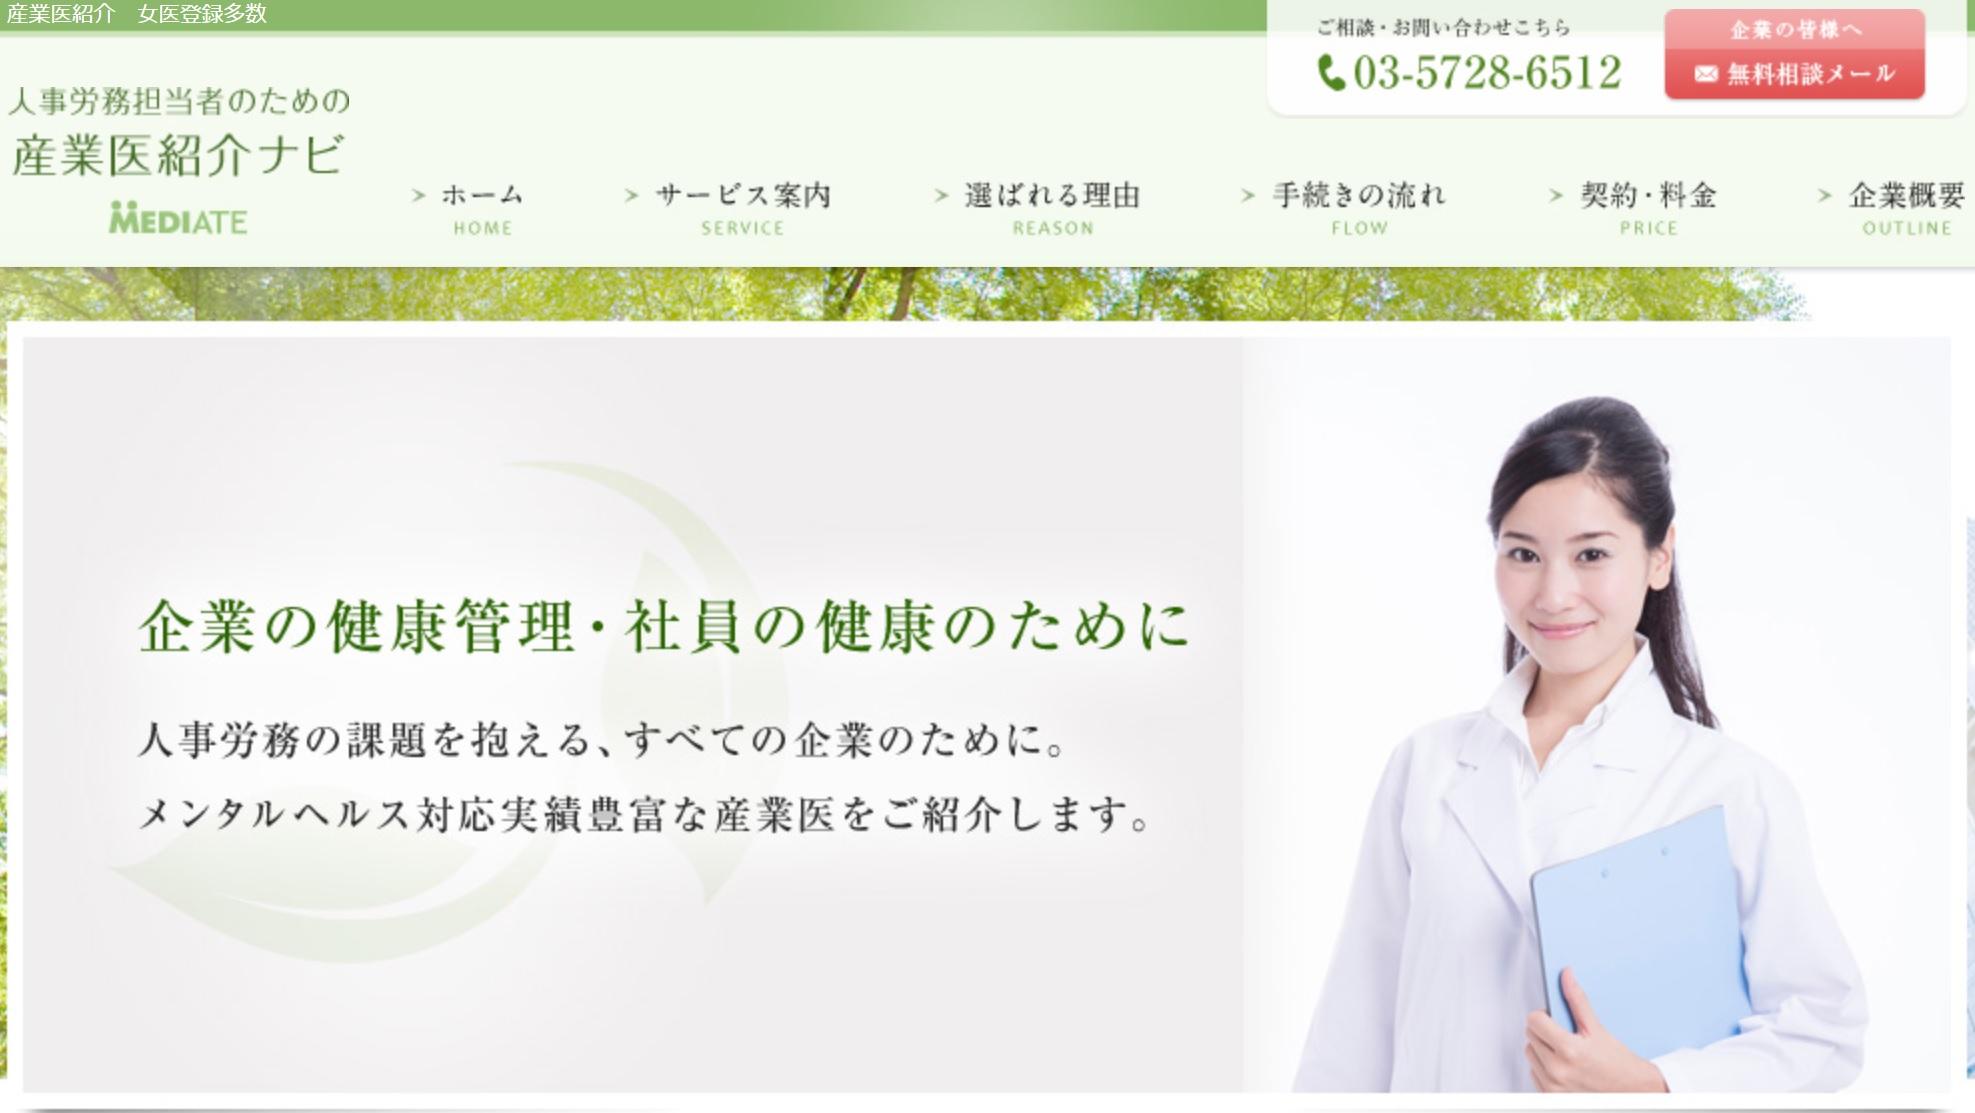 産業医紹介ナビの医師の求人と転職